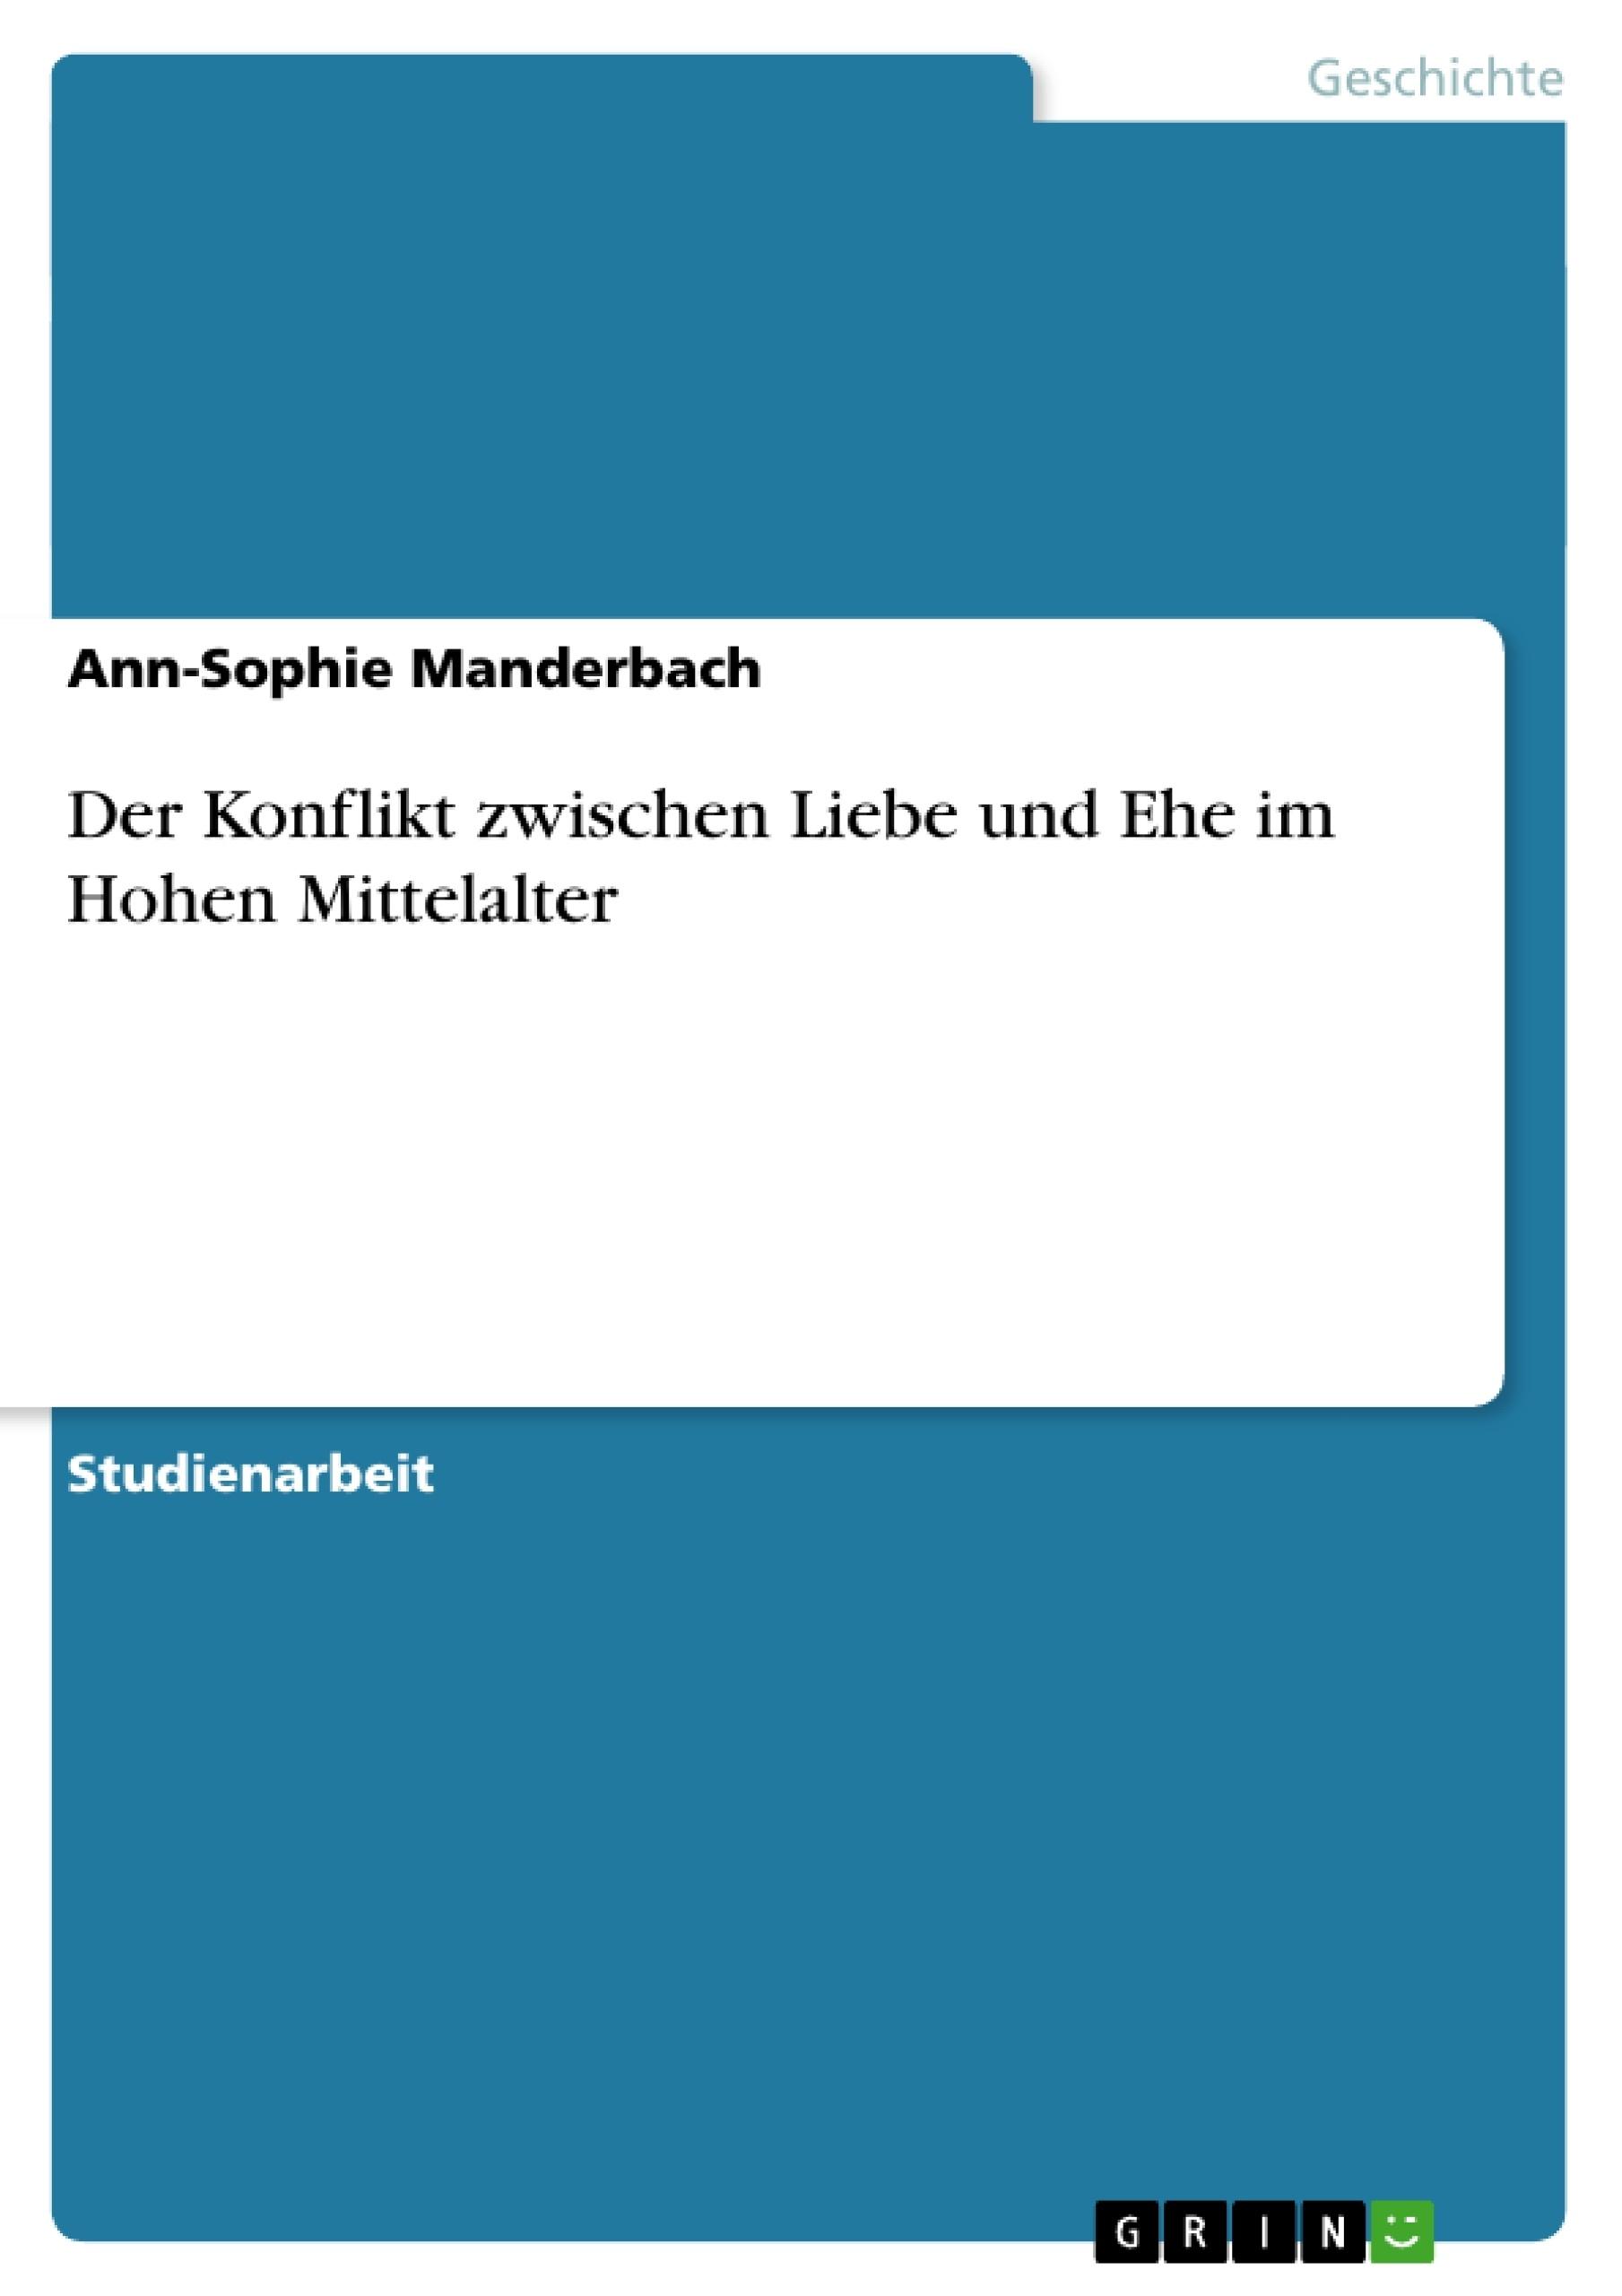 Titel: Der Konflikt zwischen Liebe und Ehe im Hohen Mittelalter